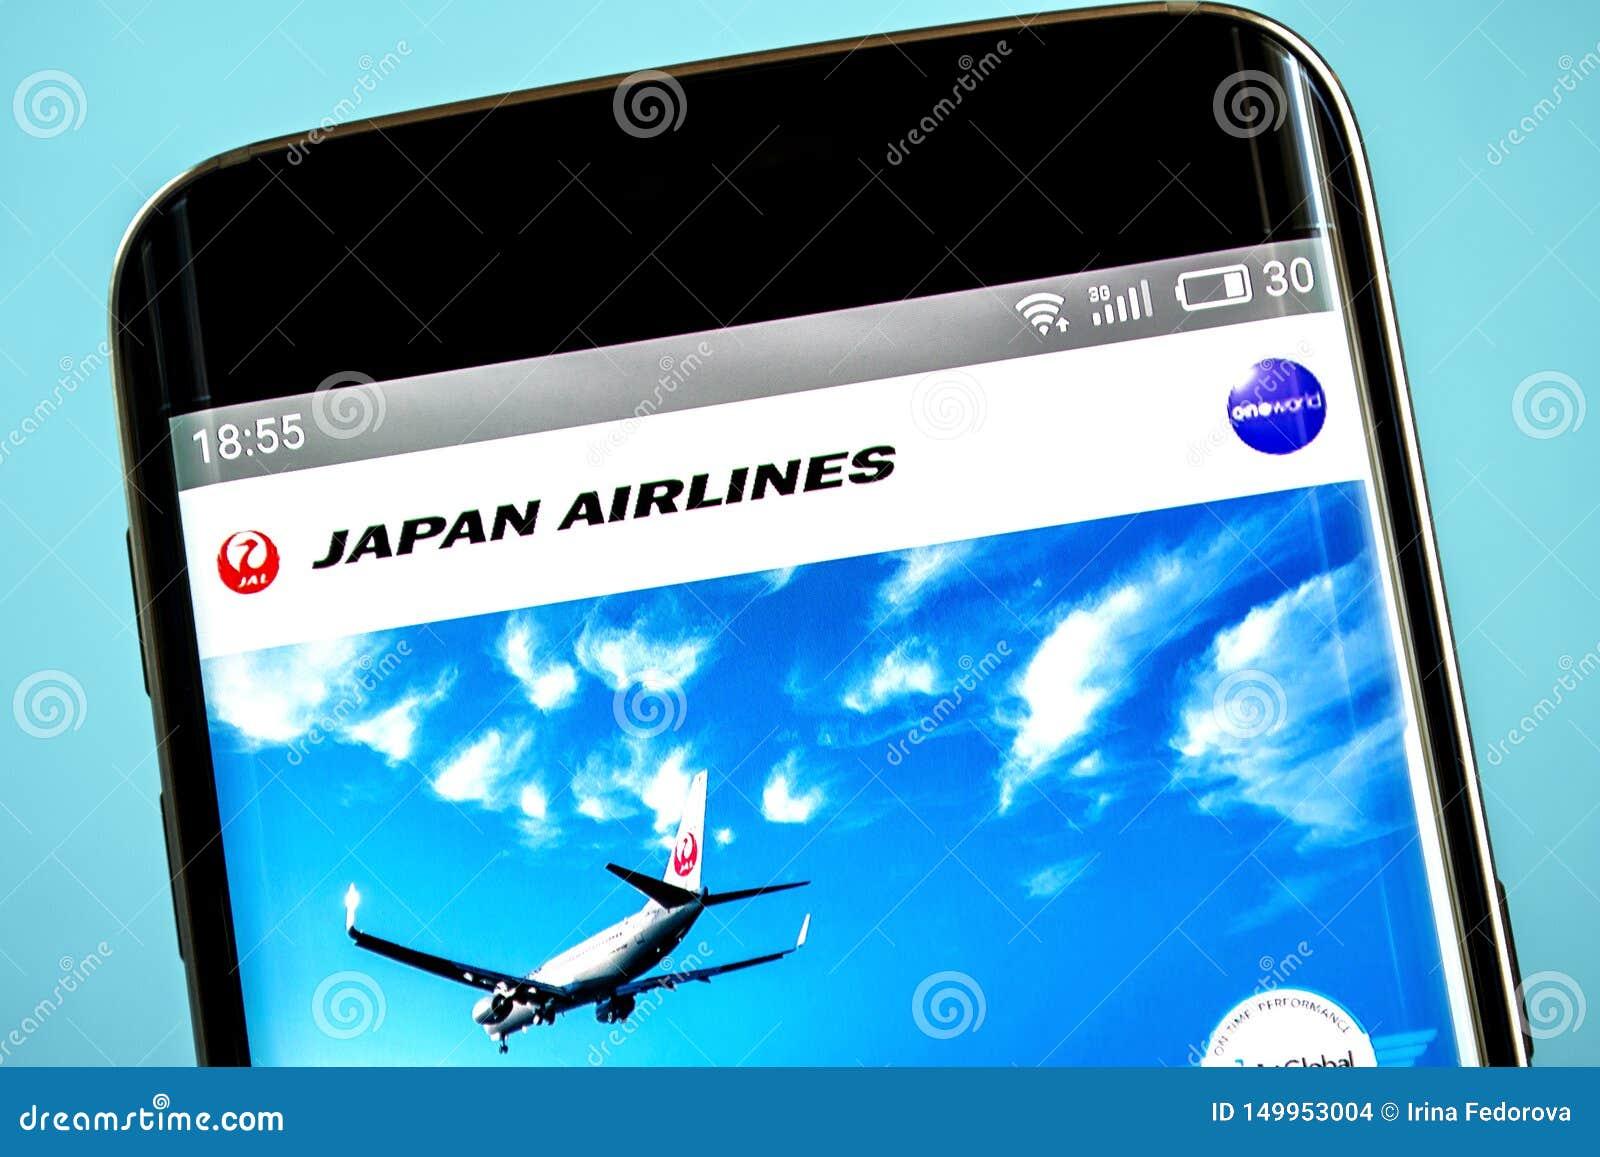 Berdyansk Ukraina - 6 Juni 2019: Illustrativ ledare av Japan Airlines websitehomepage Japan Airlines logo som är synlig på